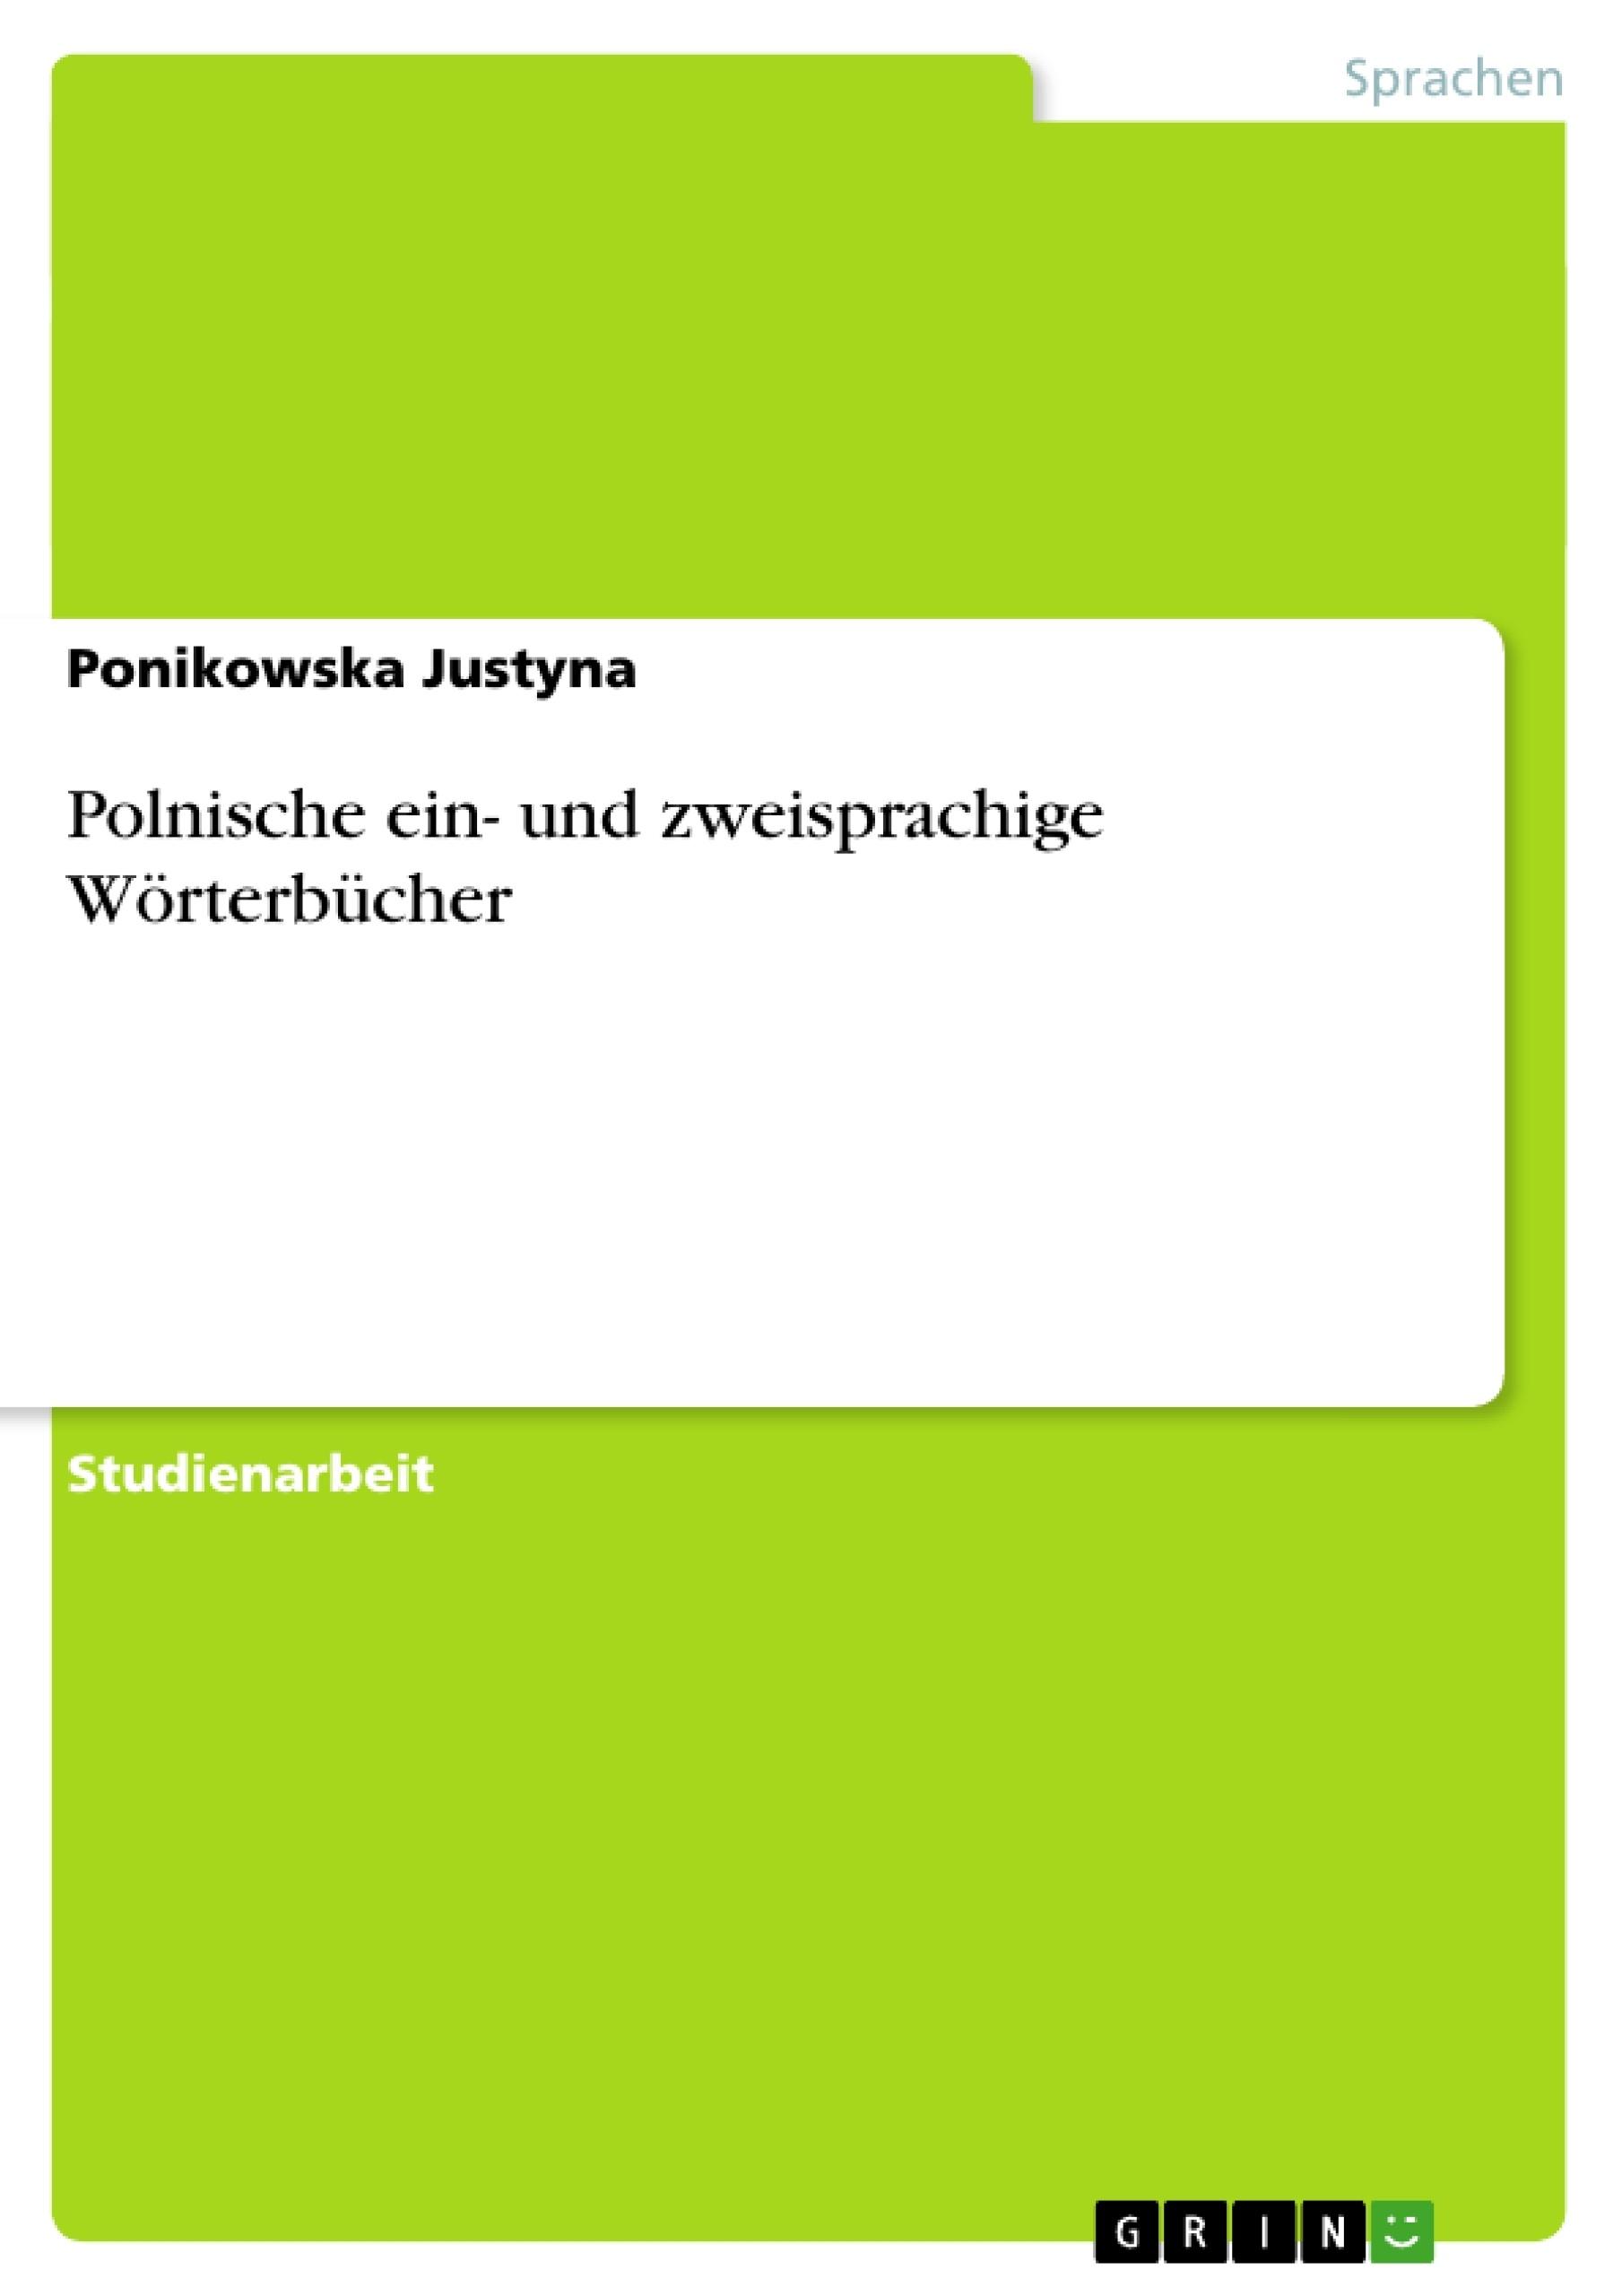 Titel: Polnische ein- und zweisprachige Wörterbücher